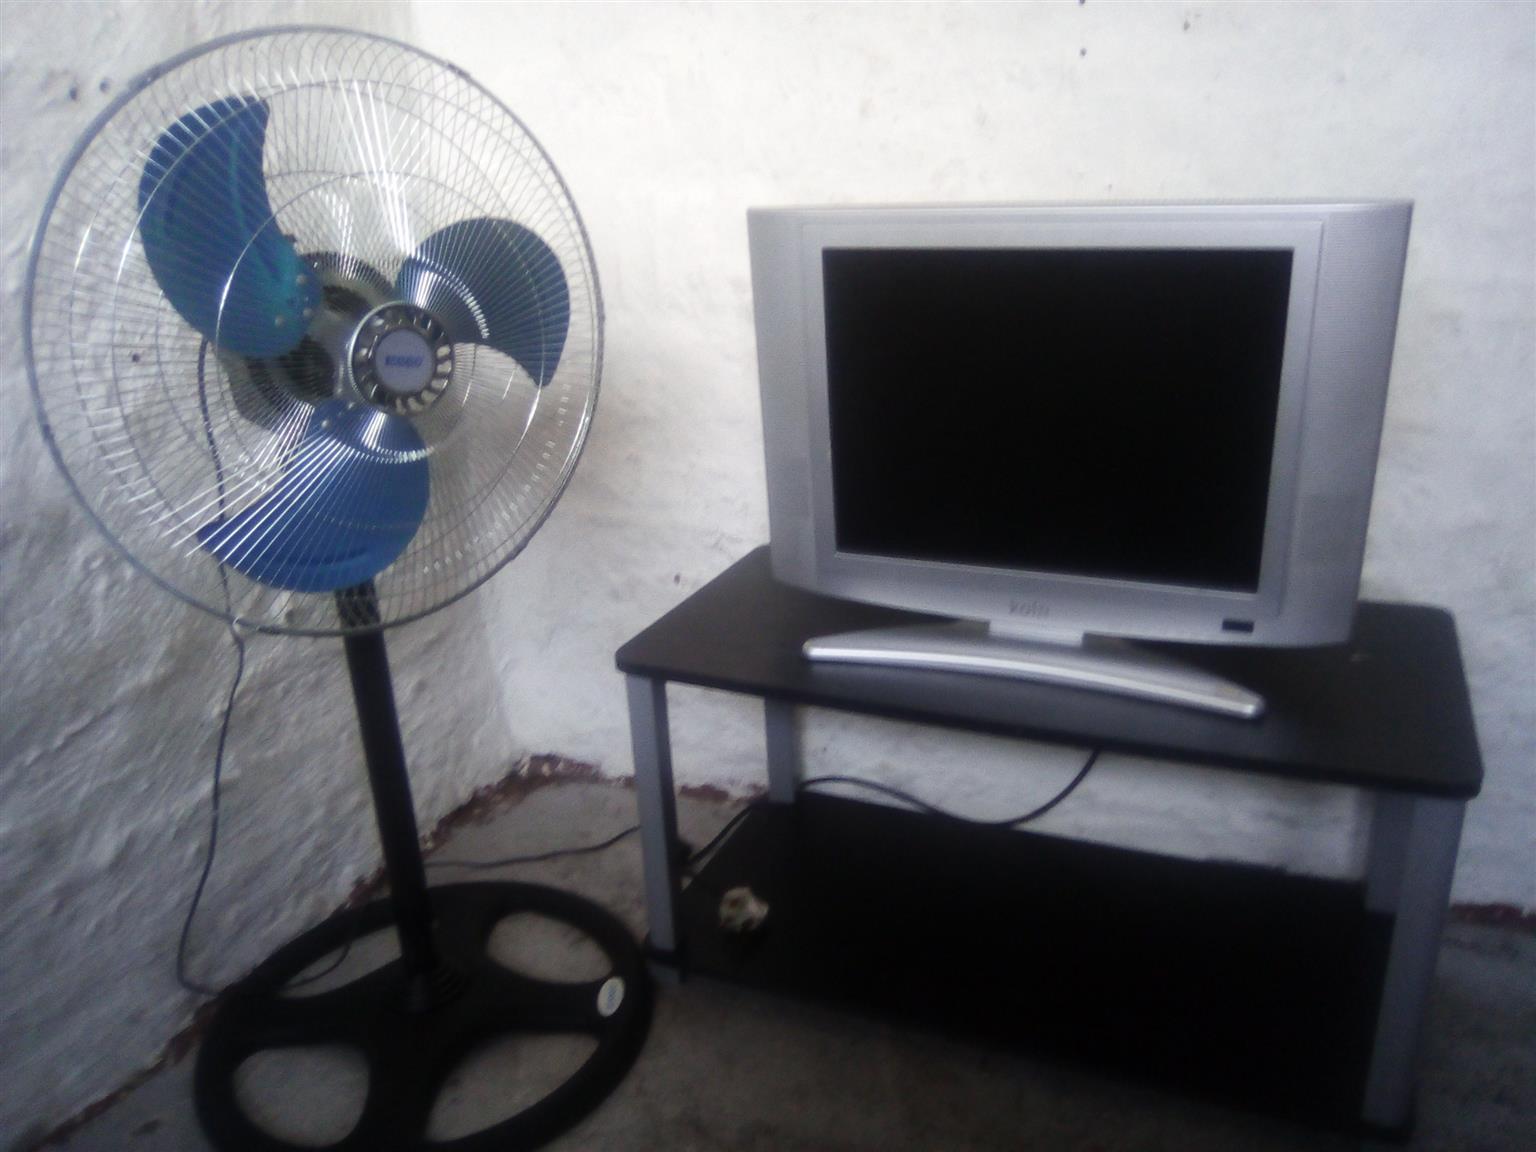 Tv,stand,fan